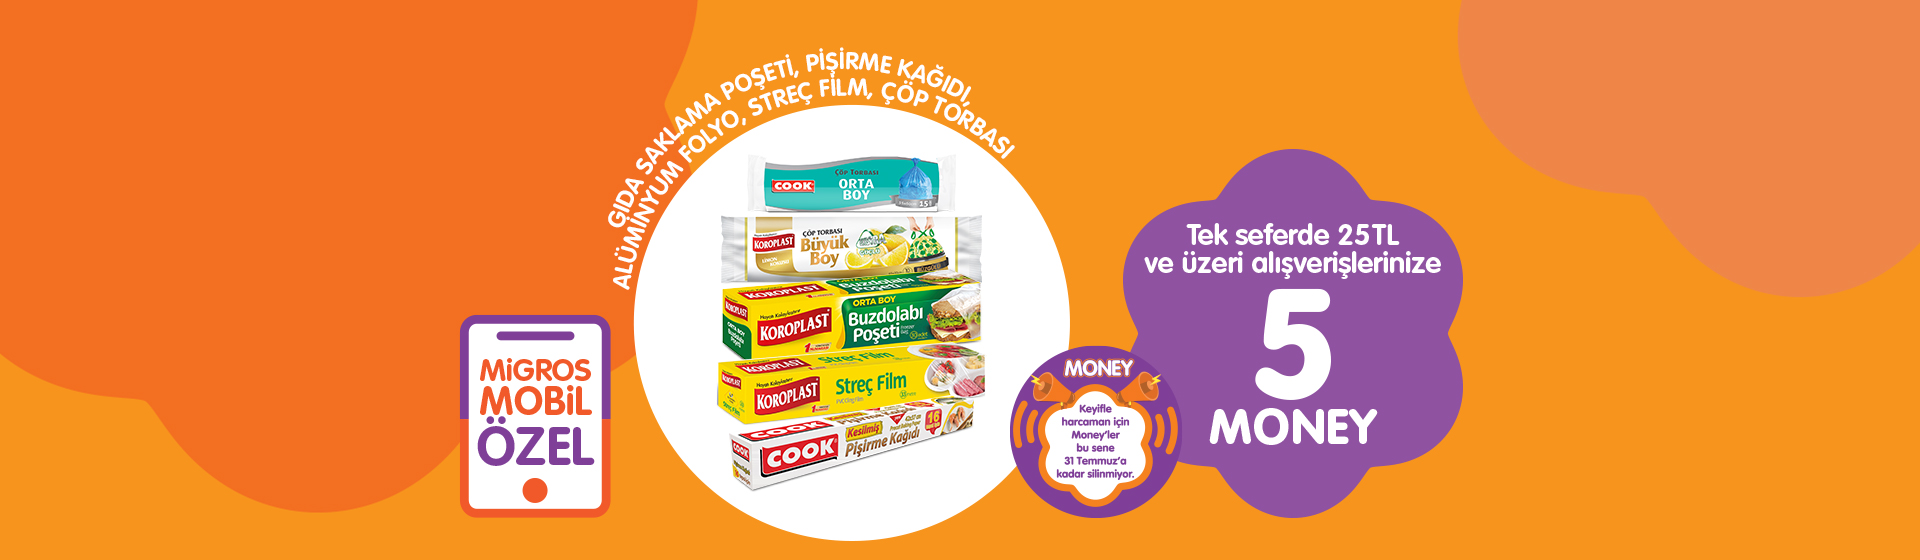 Gıda Saklama Poşeti, Pişirme Kağıdı, Alimünyum Folyo, Streç Film, Çöp Torbası Money Kampanyası